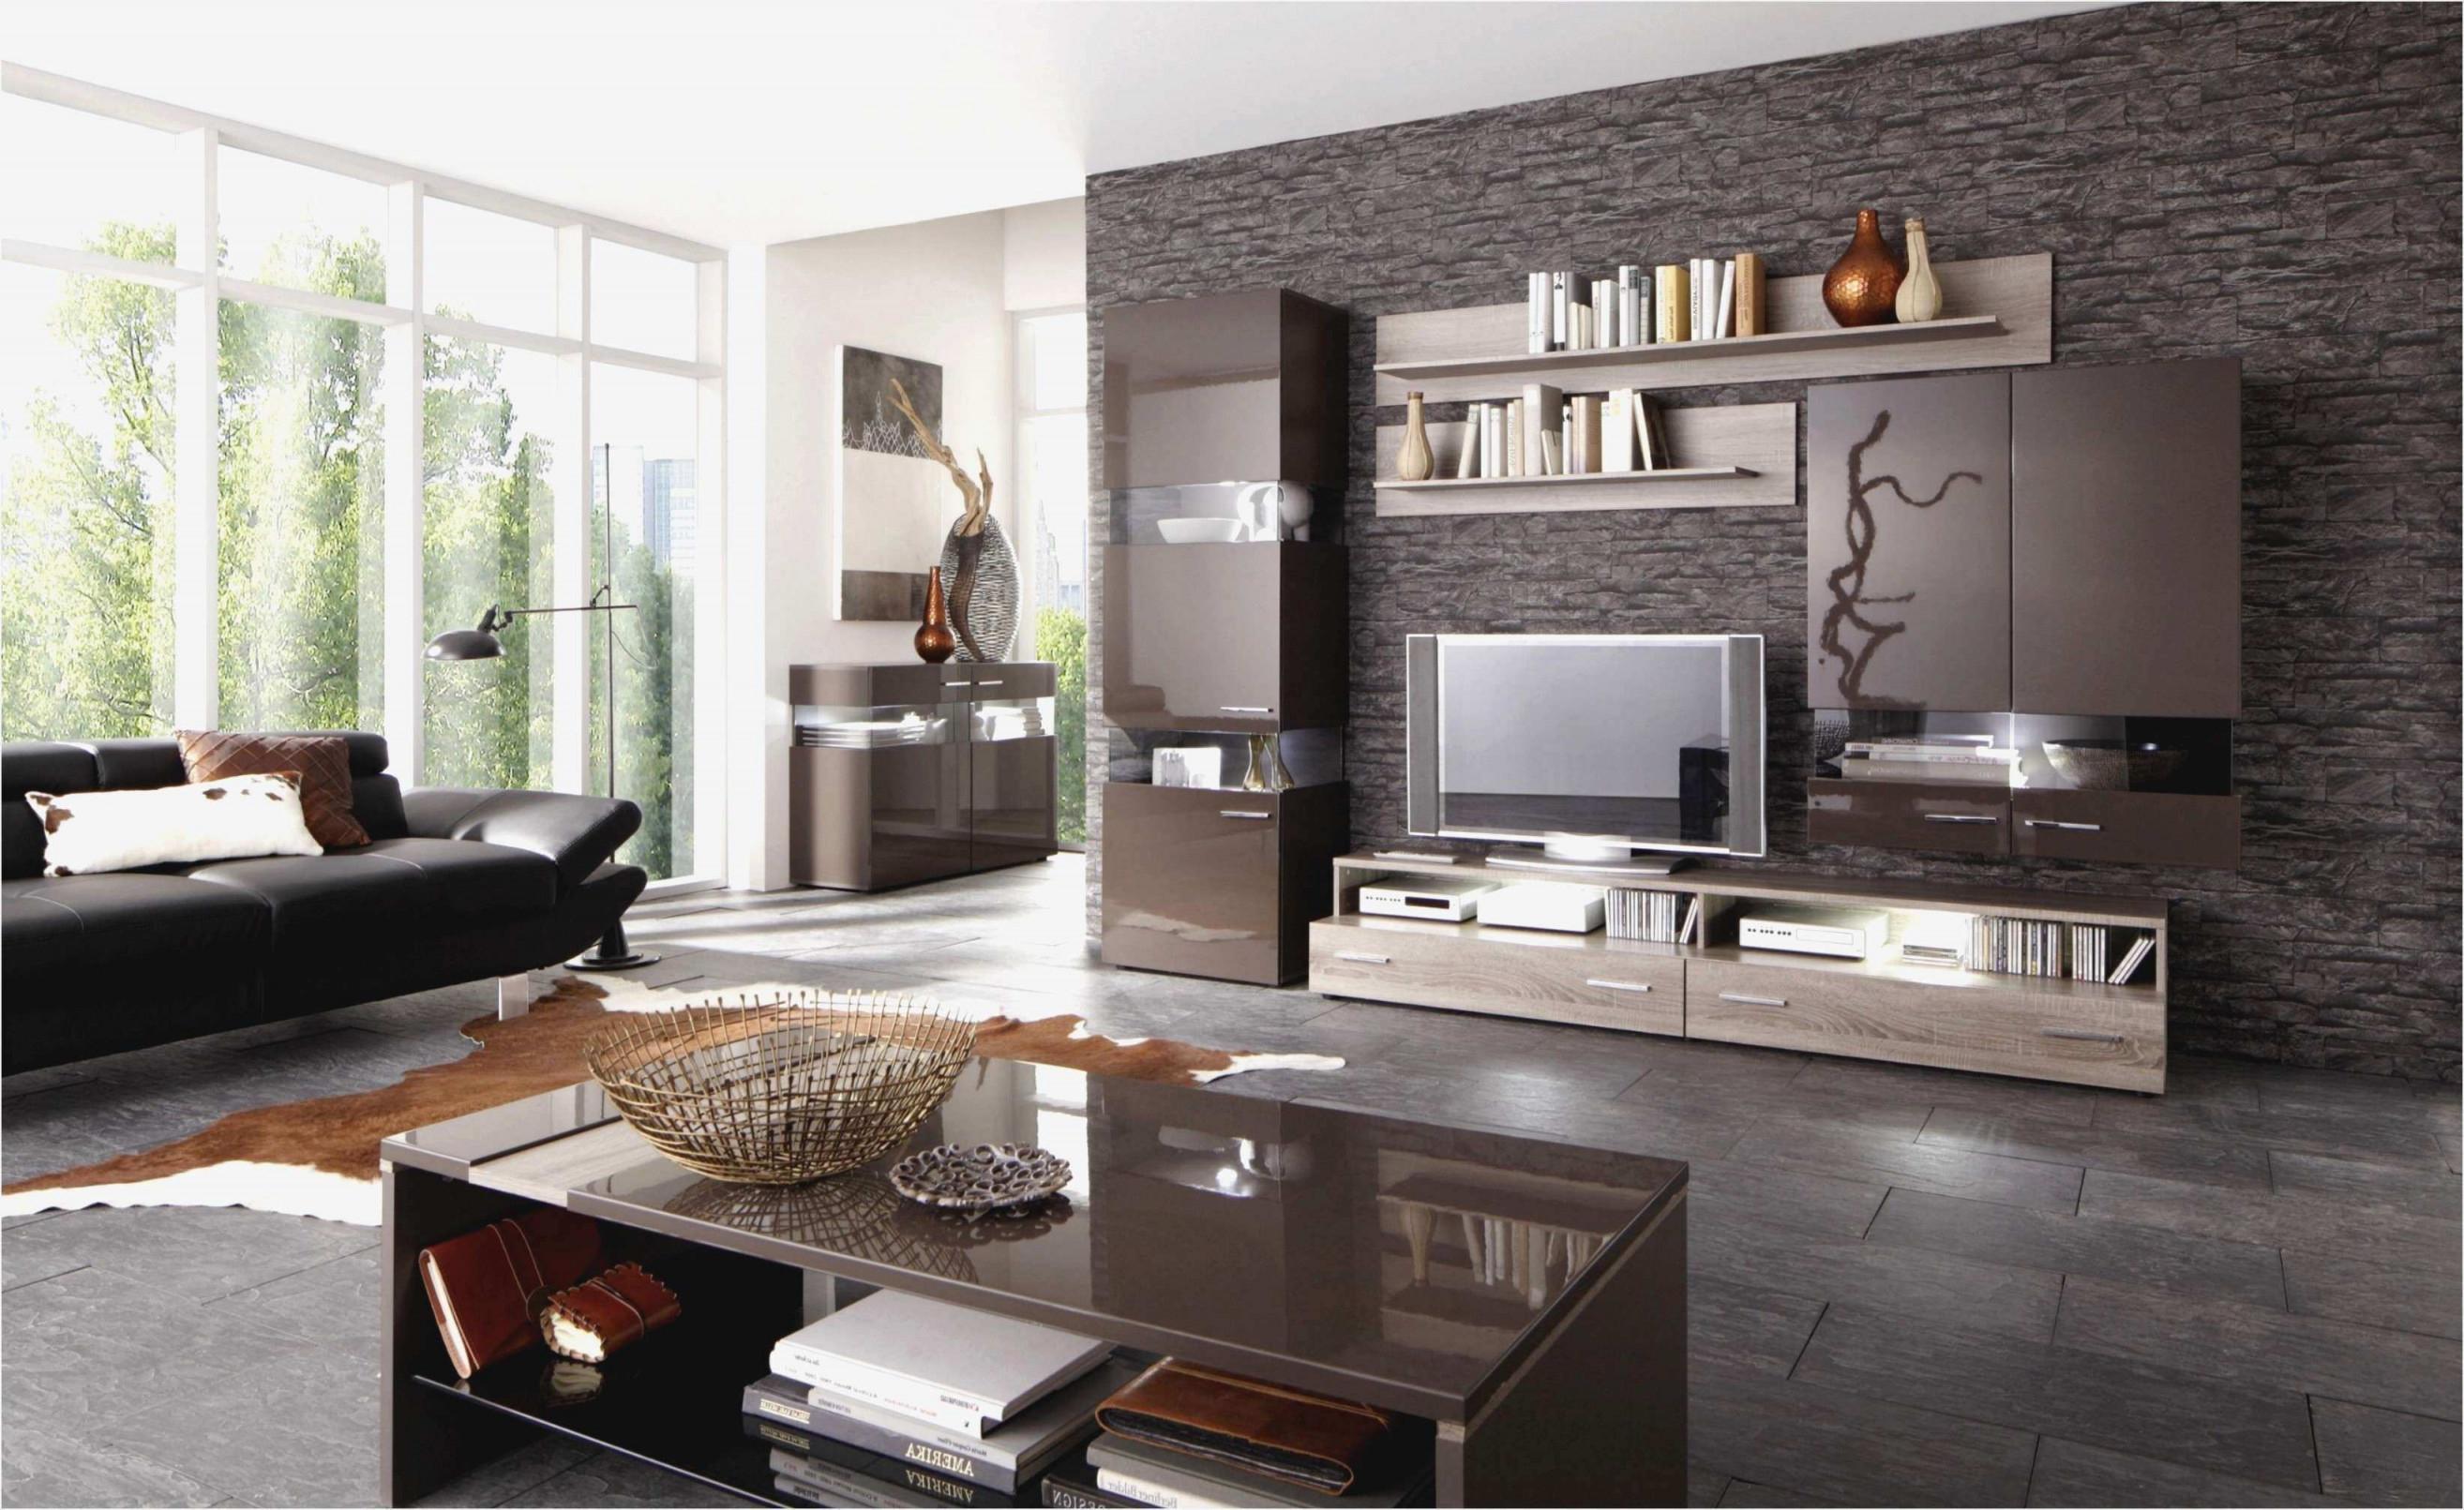 59 Das Beste Von Wohnzimmer Decken Gestalten Neu  Tolles von Wohnzimmer Gestalten Ideen Bilder Bild